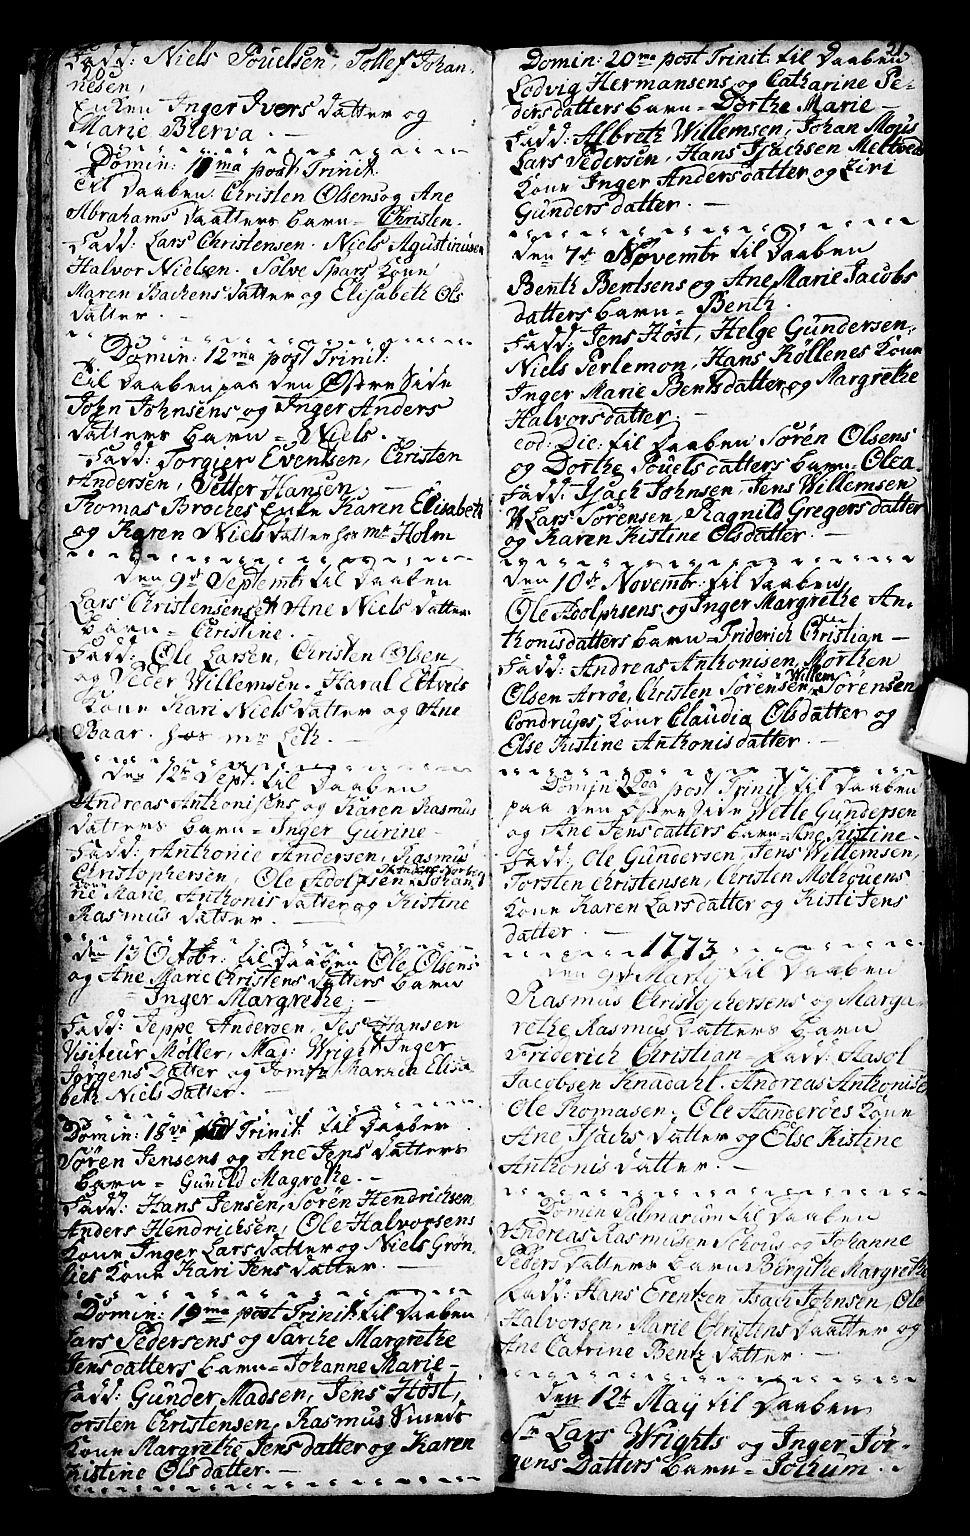 SAKO, Porsgrunn kirkebøker , G/Ga/L0001: Klokkerbok nr. I 1, 1766-1790, s. 20-21